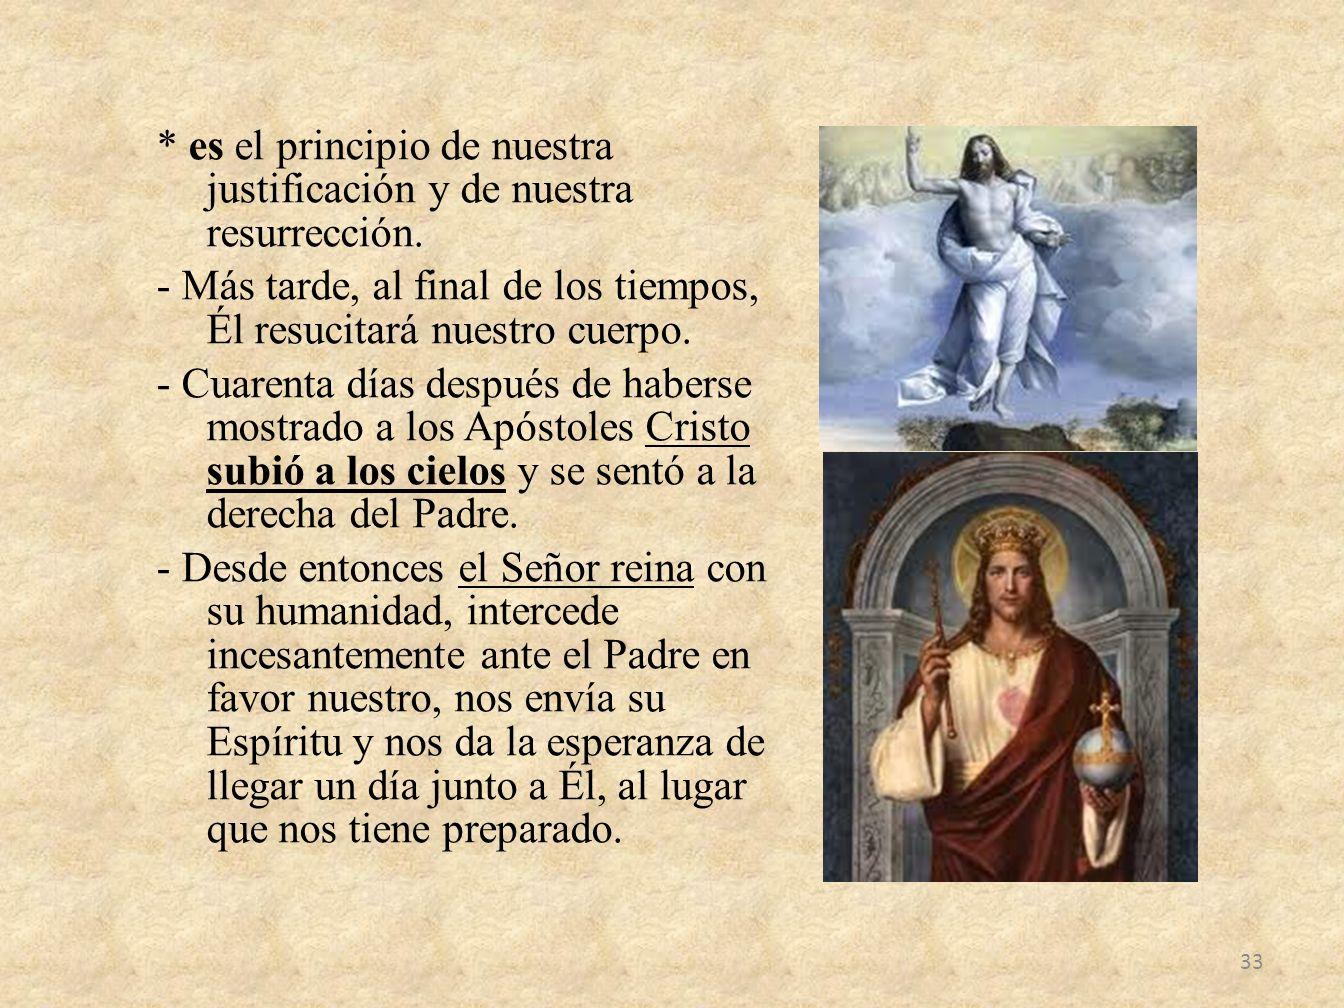 es el principio de nuestra justificación y de nuestra resurrección